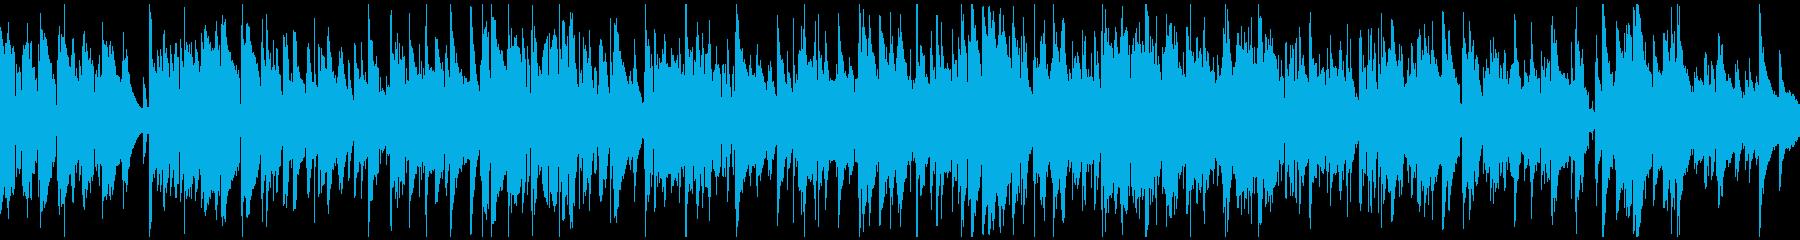 ソフトな色気あるゆっくりジャズ※ループ版の再生済みの波形